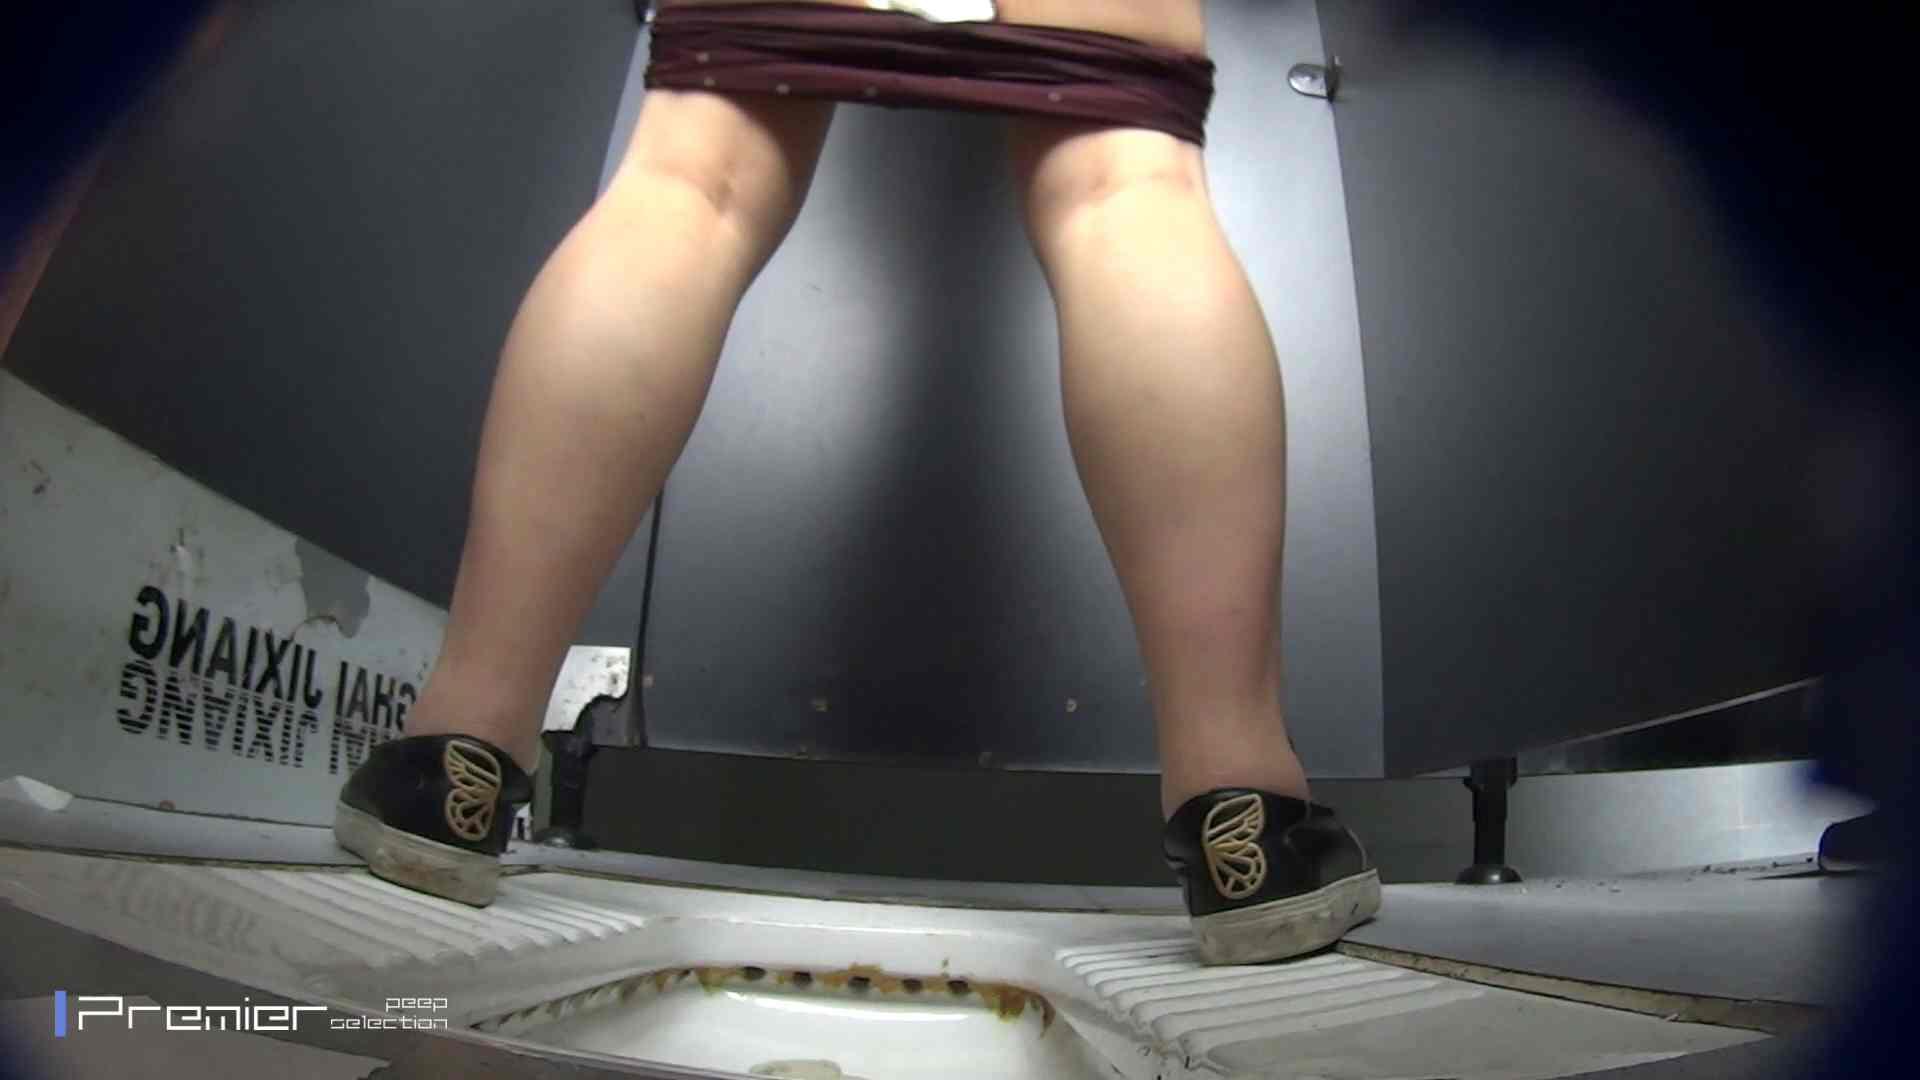 びゅーっと!オシッコ放出 大学休憩時間の洗面所事情47 お姉さん攻略  104画像 11